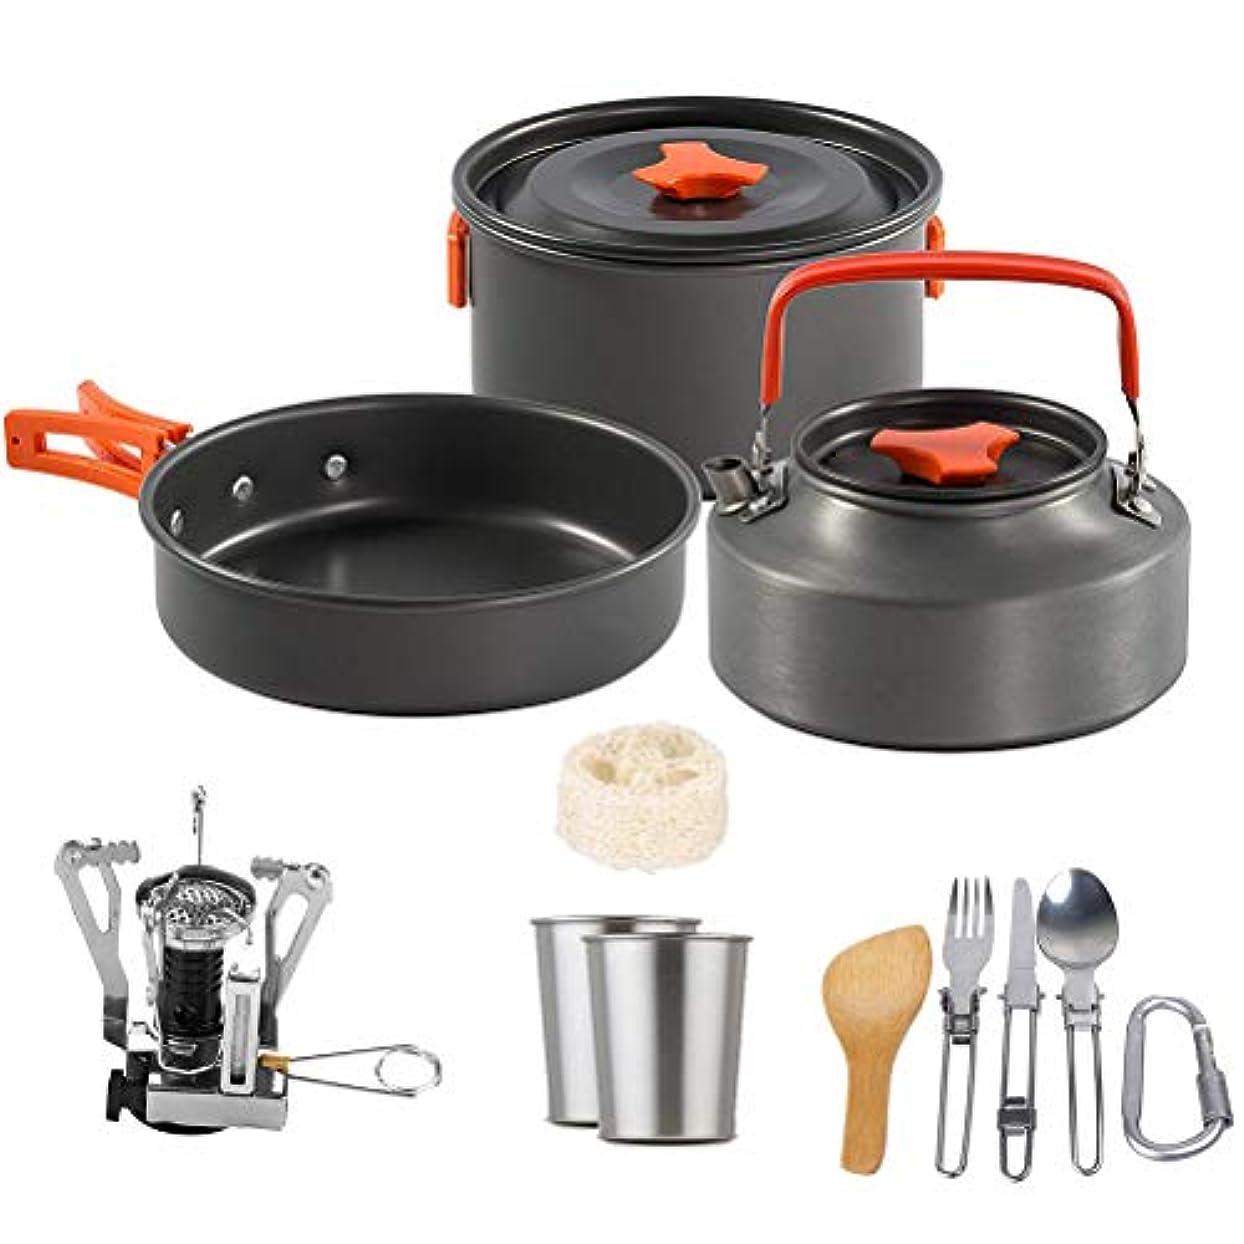 優先配分未使用JACKBAGGIO 新しい アルミニウム合金 ポータブル アウトドア キャンプ 調理器具セット ティーポット ハイキングポット鍋 にとって 2-3人 あり キャンプストーブ